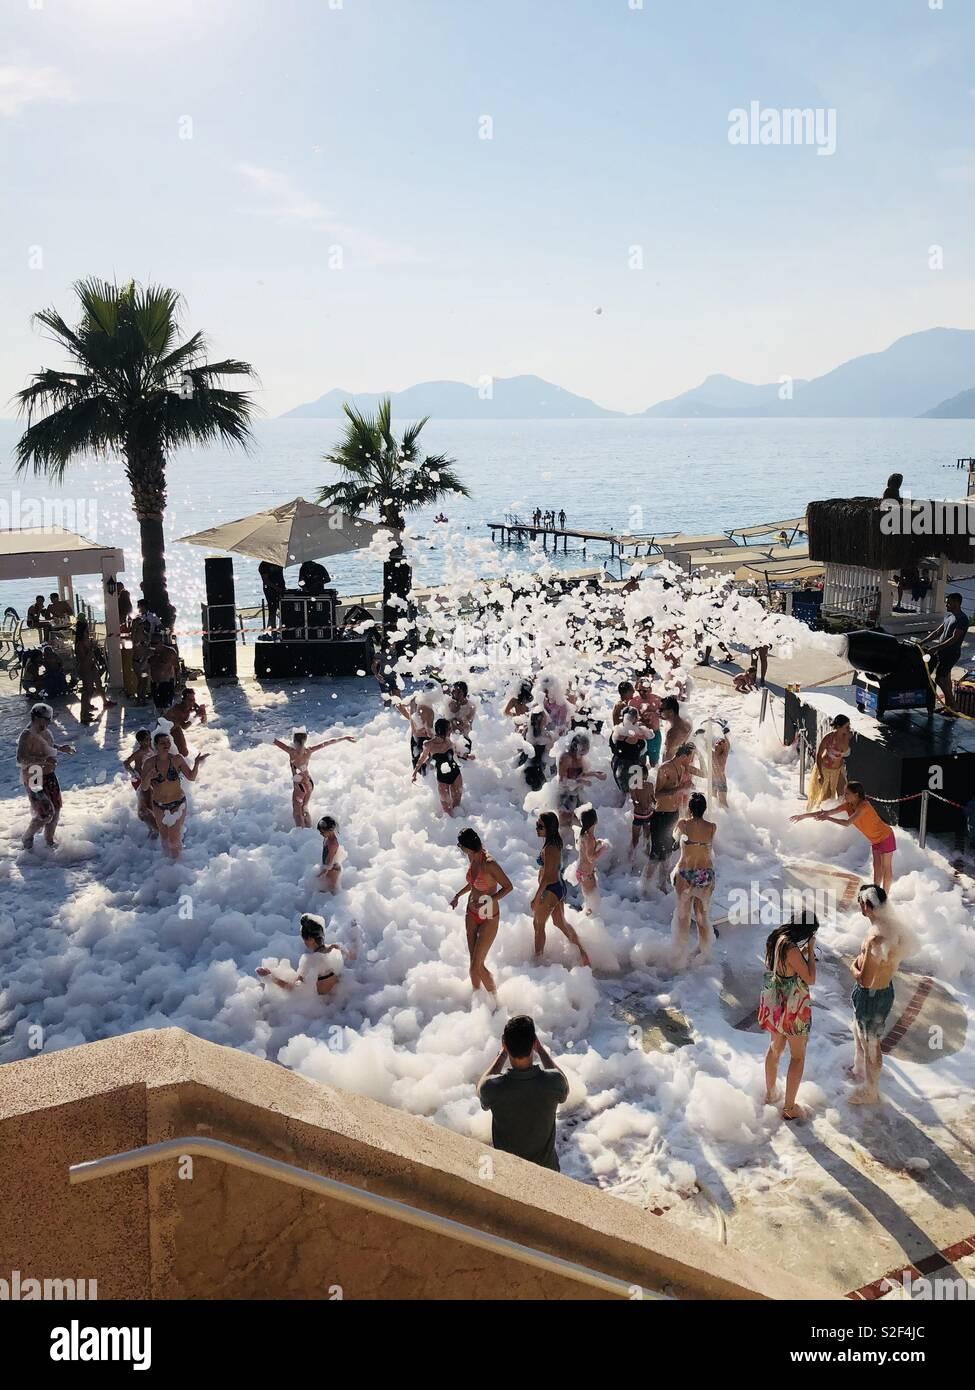 Festa de Espuma de Banho turco Imagens de Stock